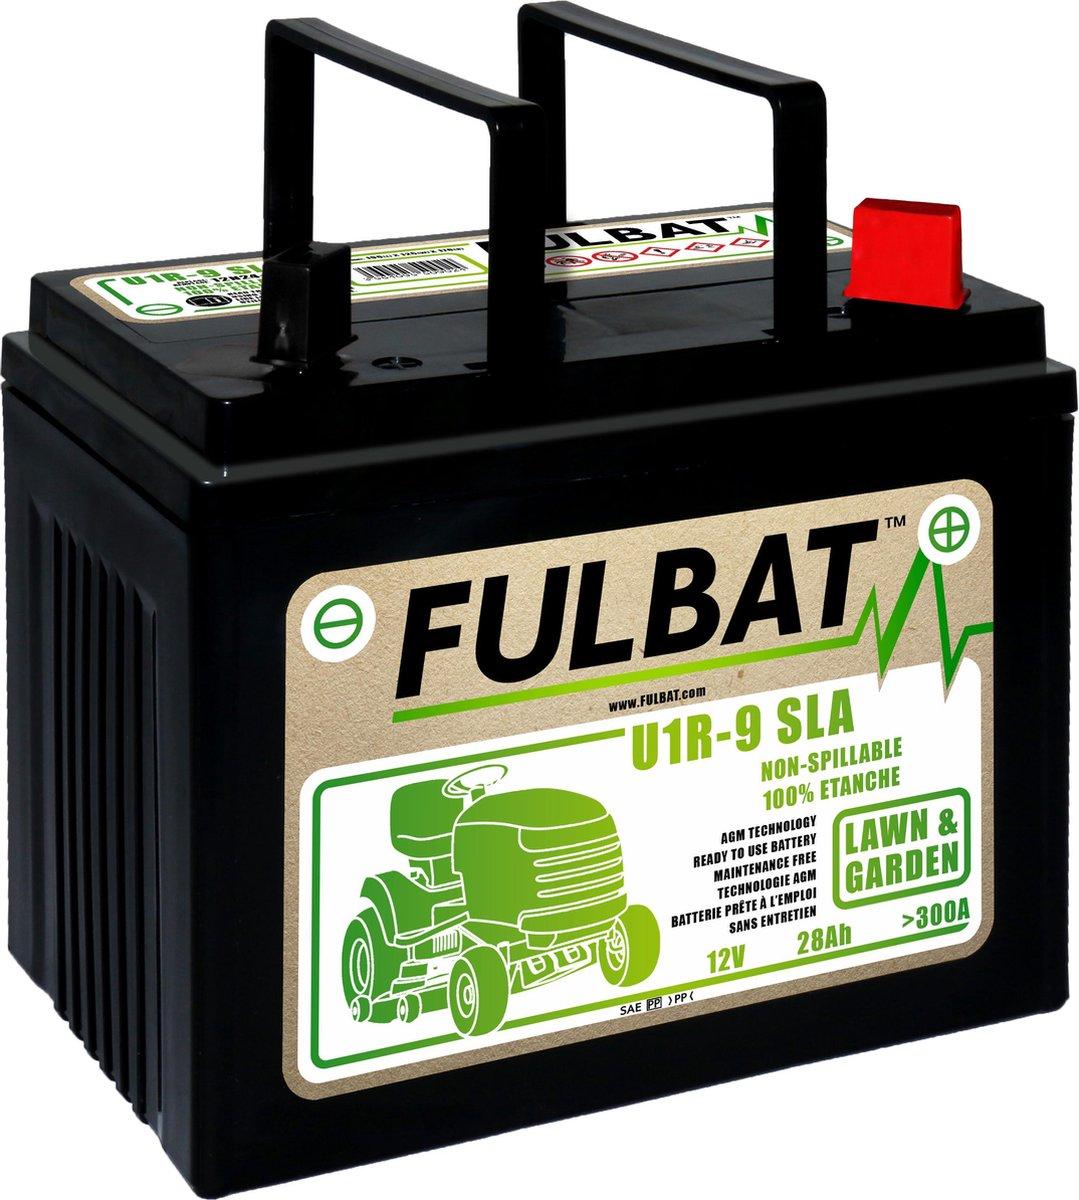 Fulbat/Boparts accu 12V/28Ah - U1R9